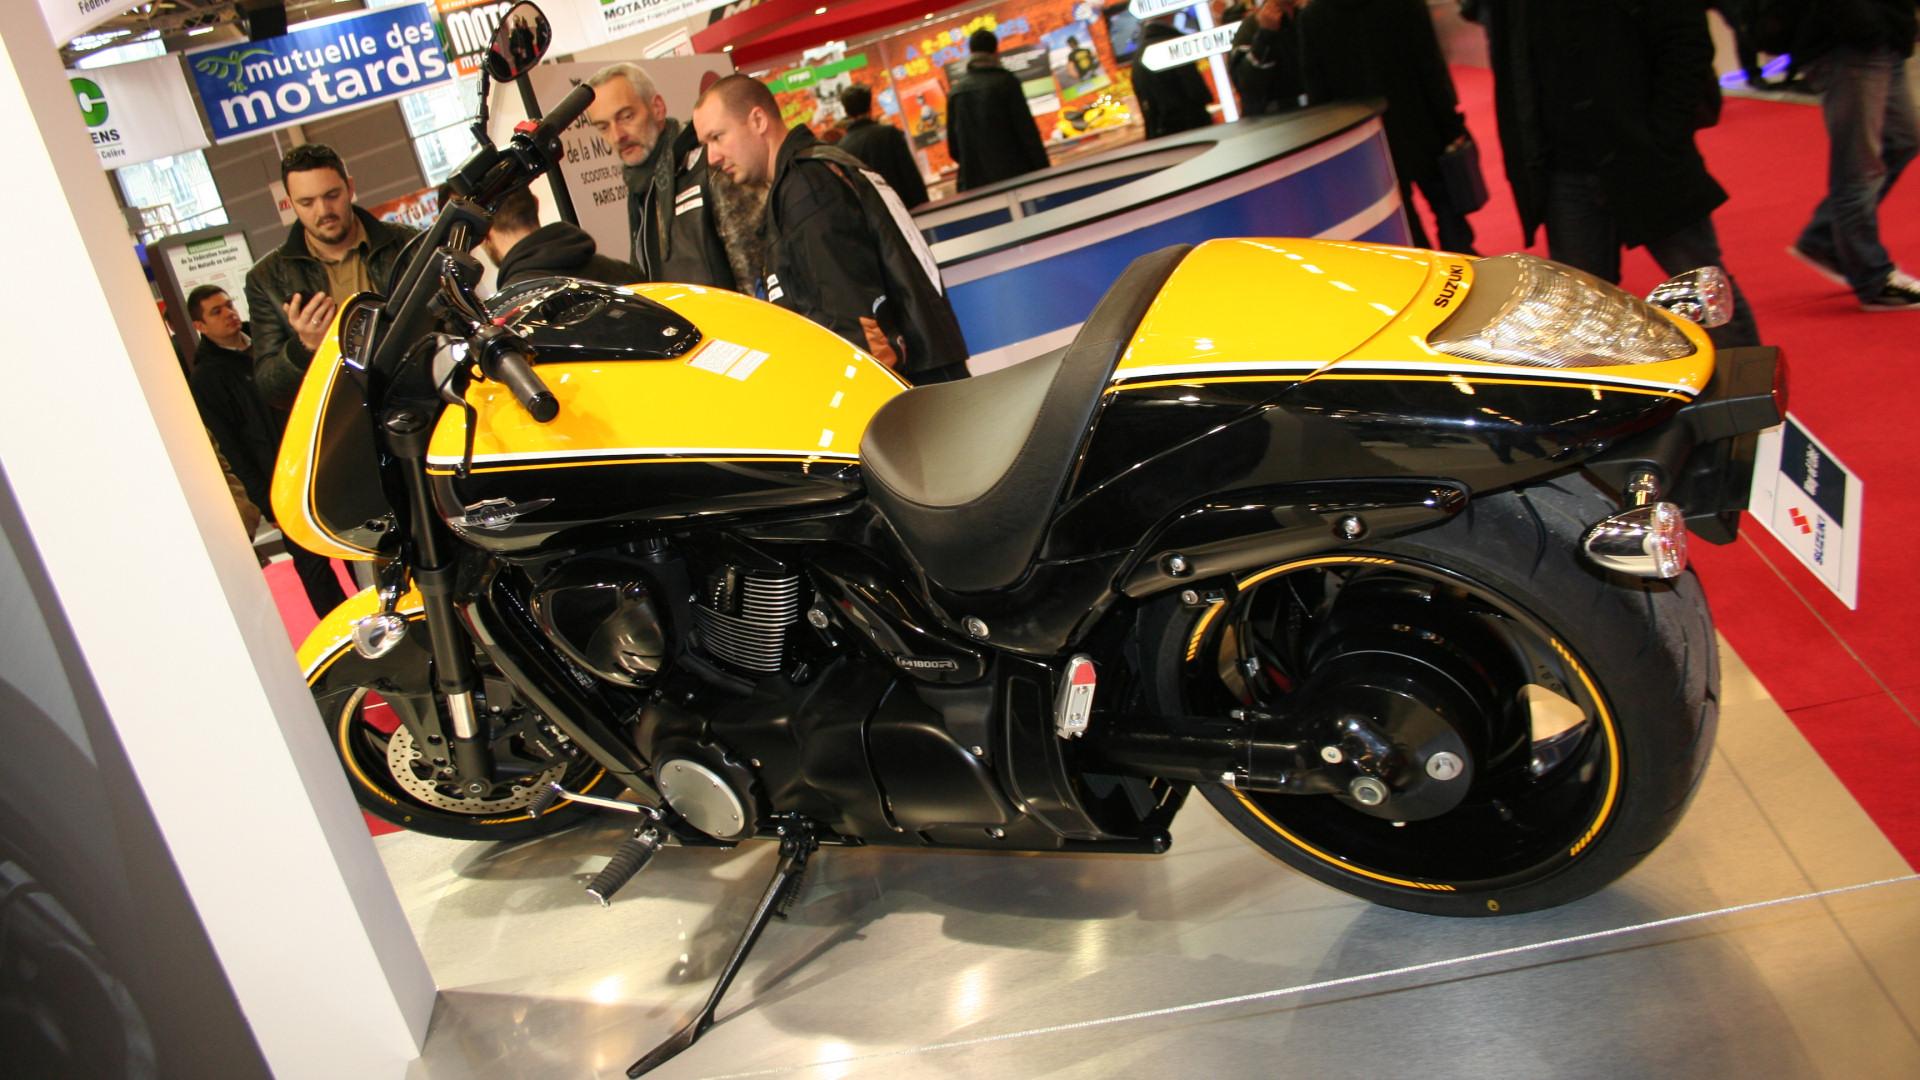 les motos japonaises du salon de paris 2013 galeries photos motoplanete. Black Bedroom Furniture Sets. Home Design Ideas